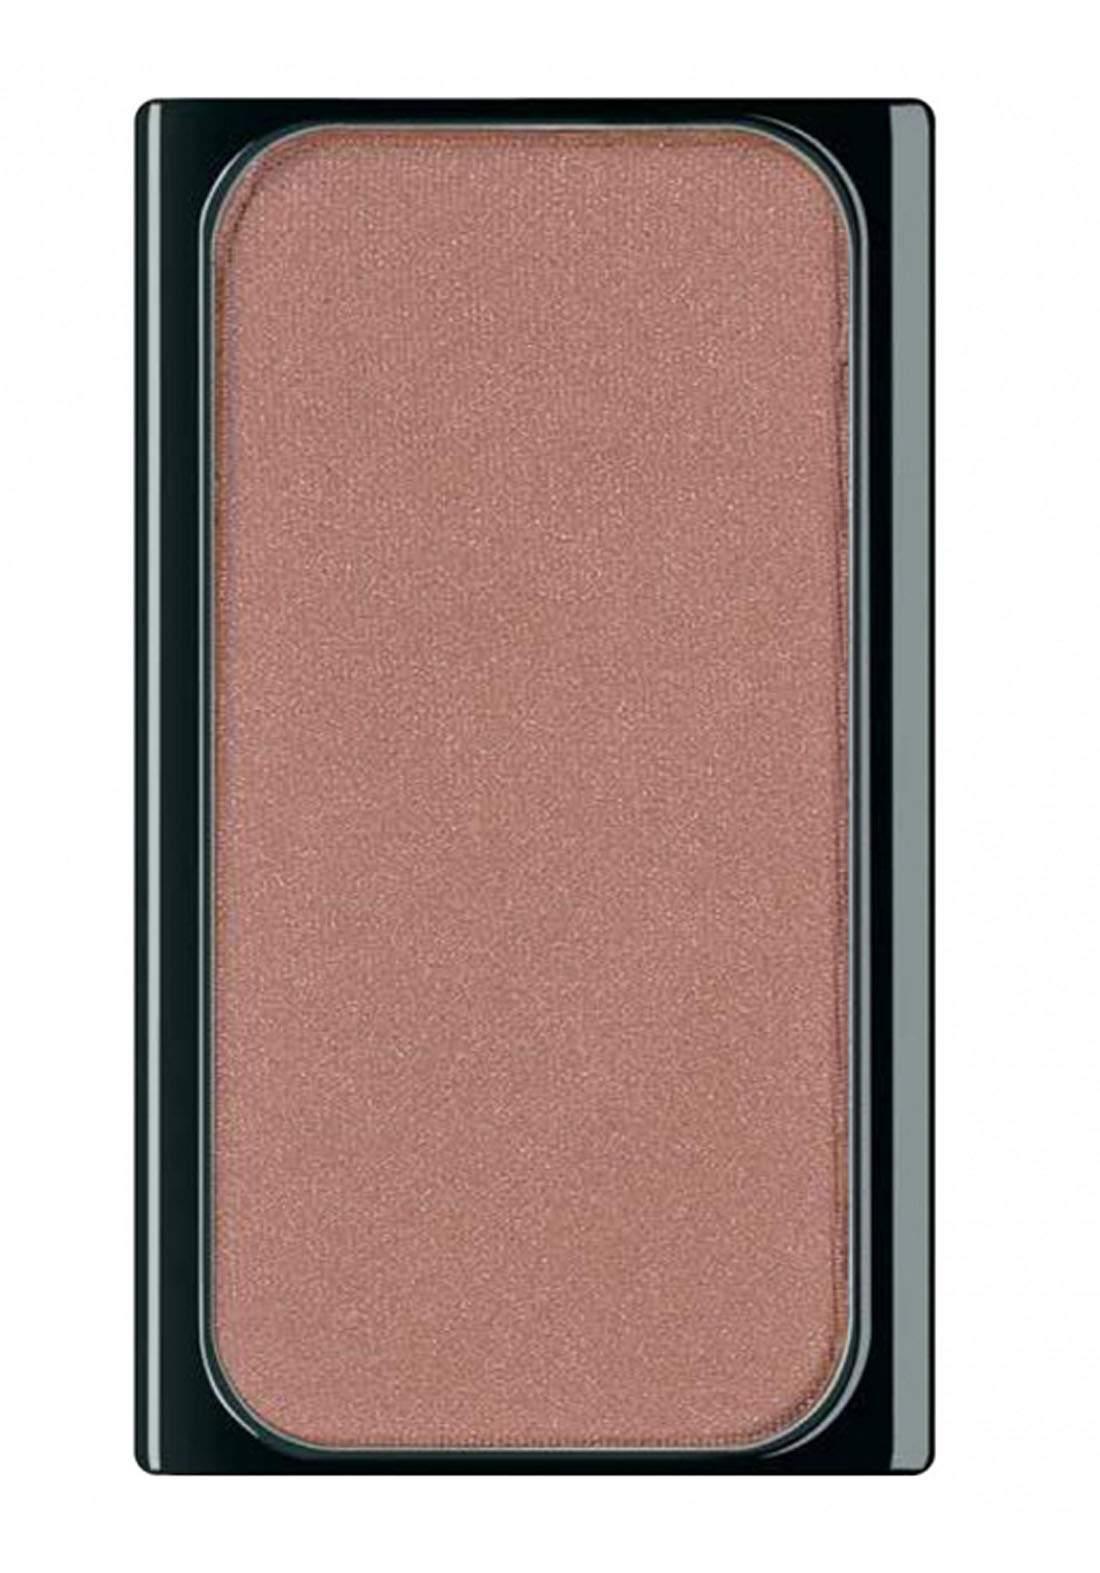 Artdeco Blusher  Red Orange Blush N0.44 احمر خدود